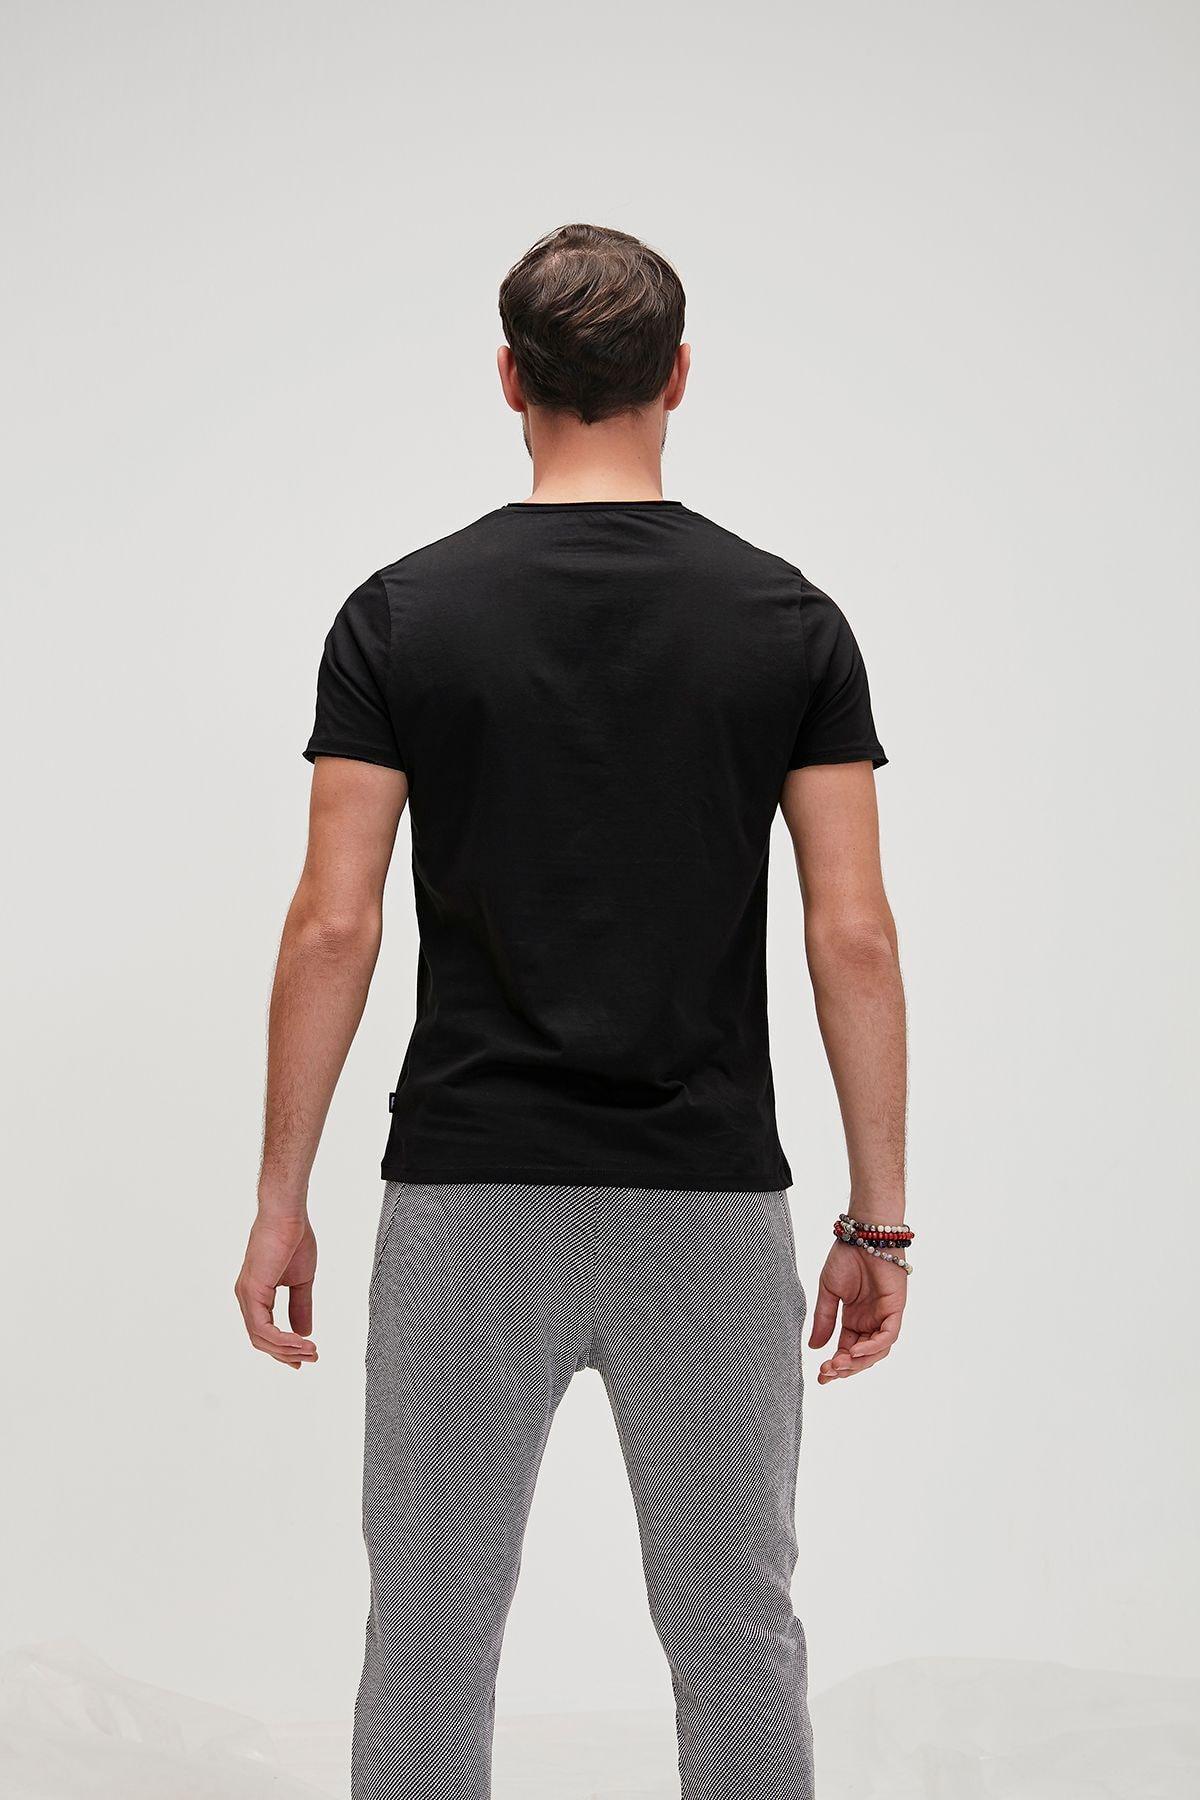 Bad Bear Erkek Baskılı T Shirt 20.01.07.015 2